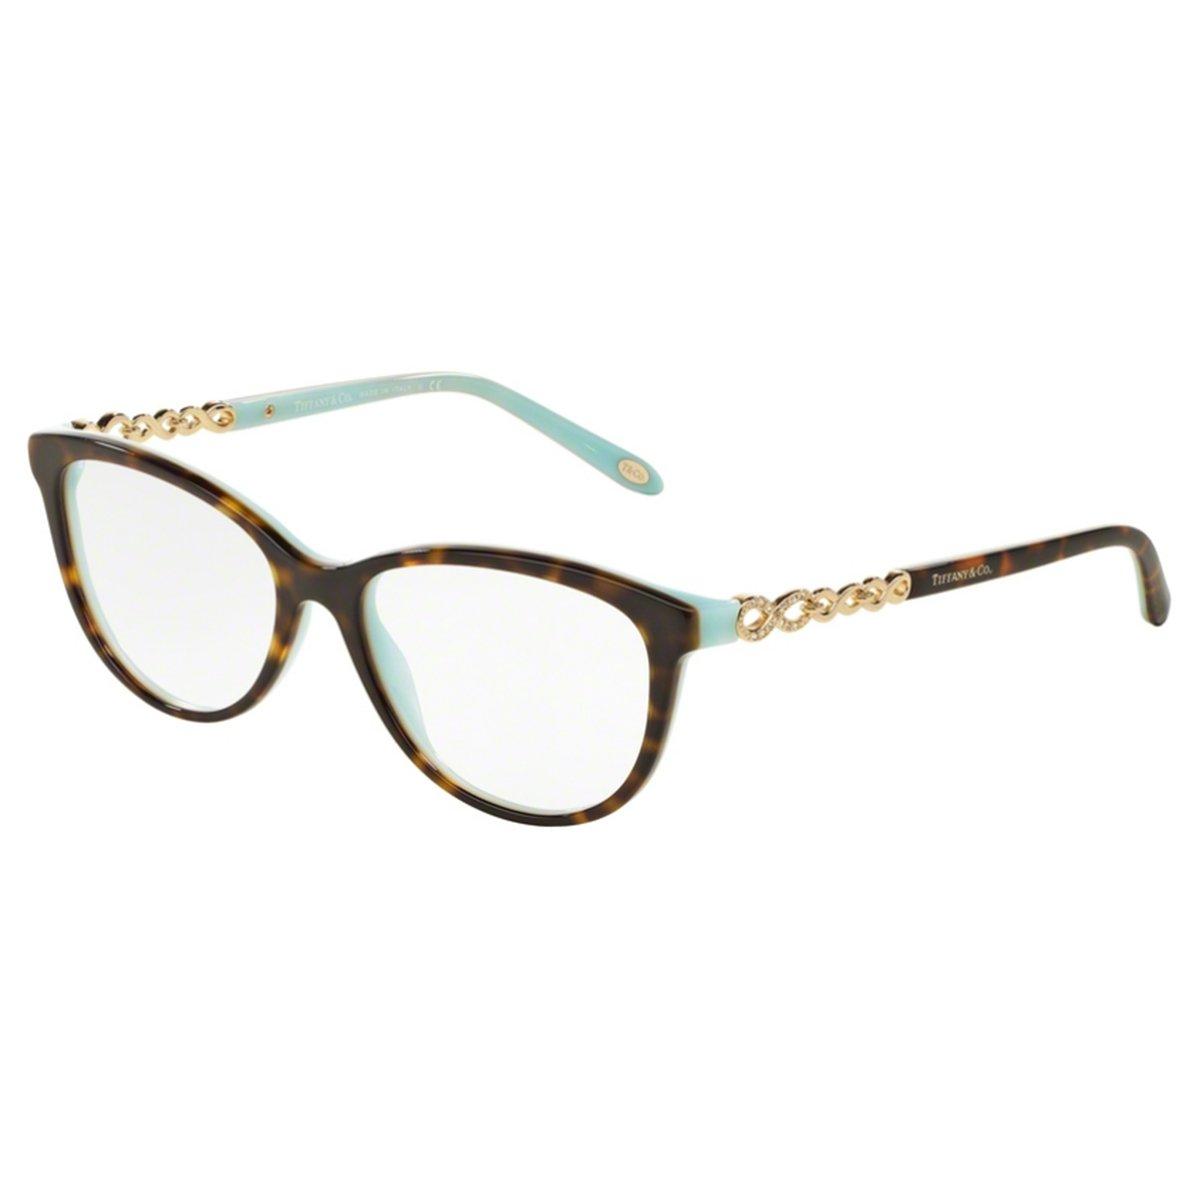 Compre Óculos de Grau Tiffany   Co. em 10X   Tri-Jóia Shop 4f4261c091